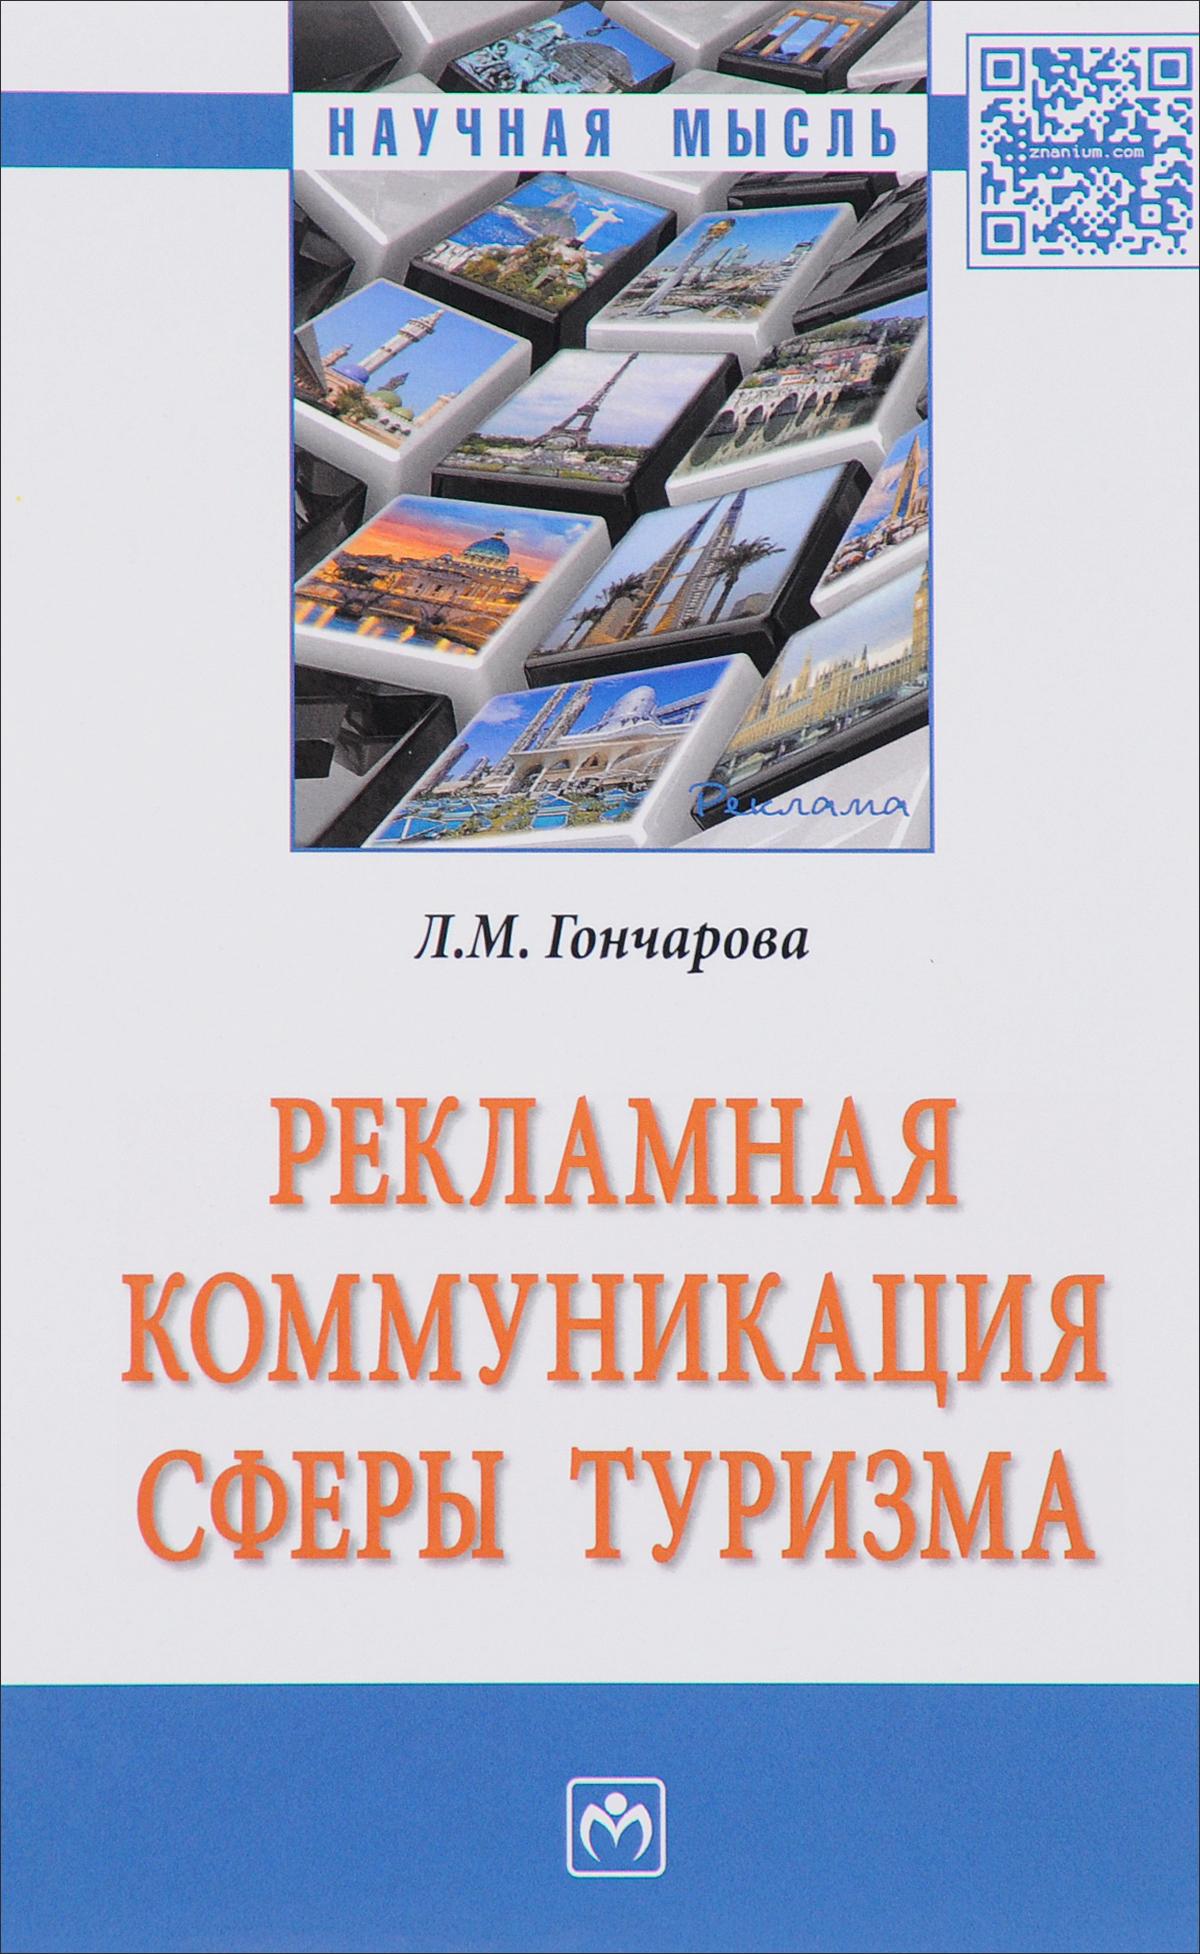 Рекламная коммуникация сферы туризма